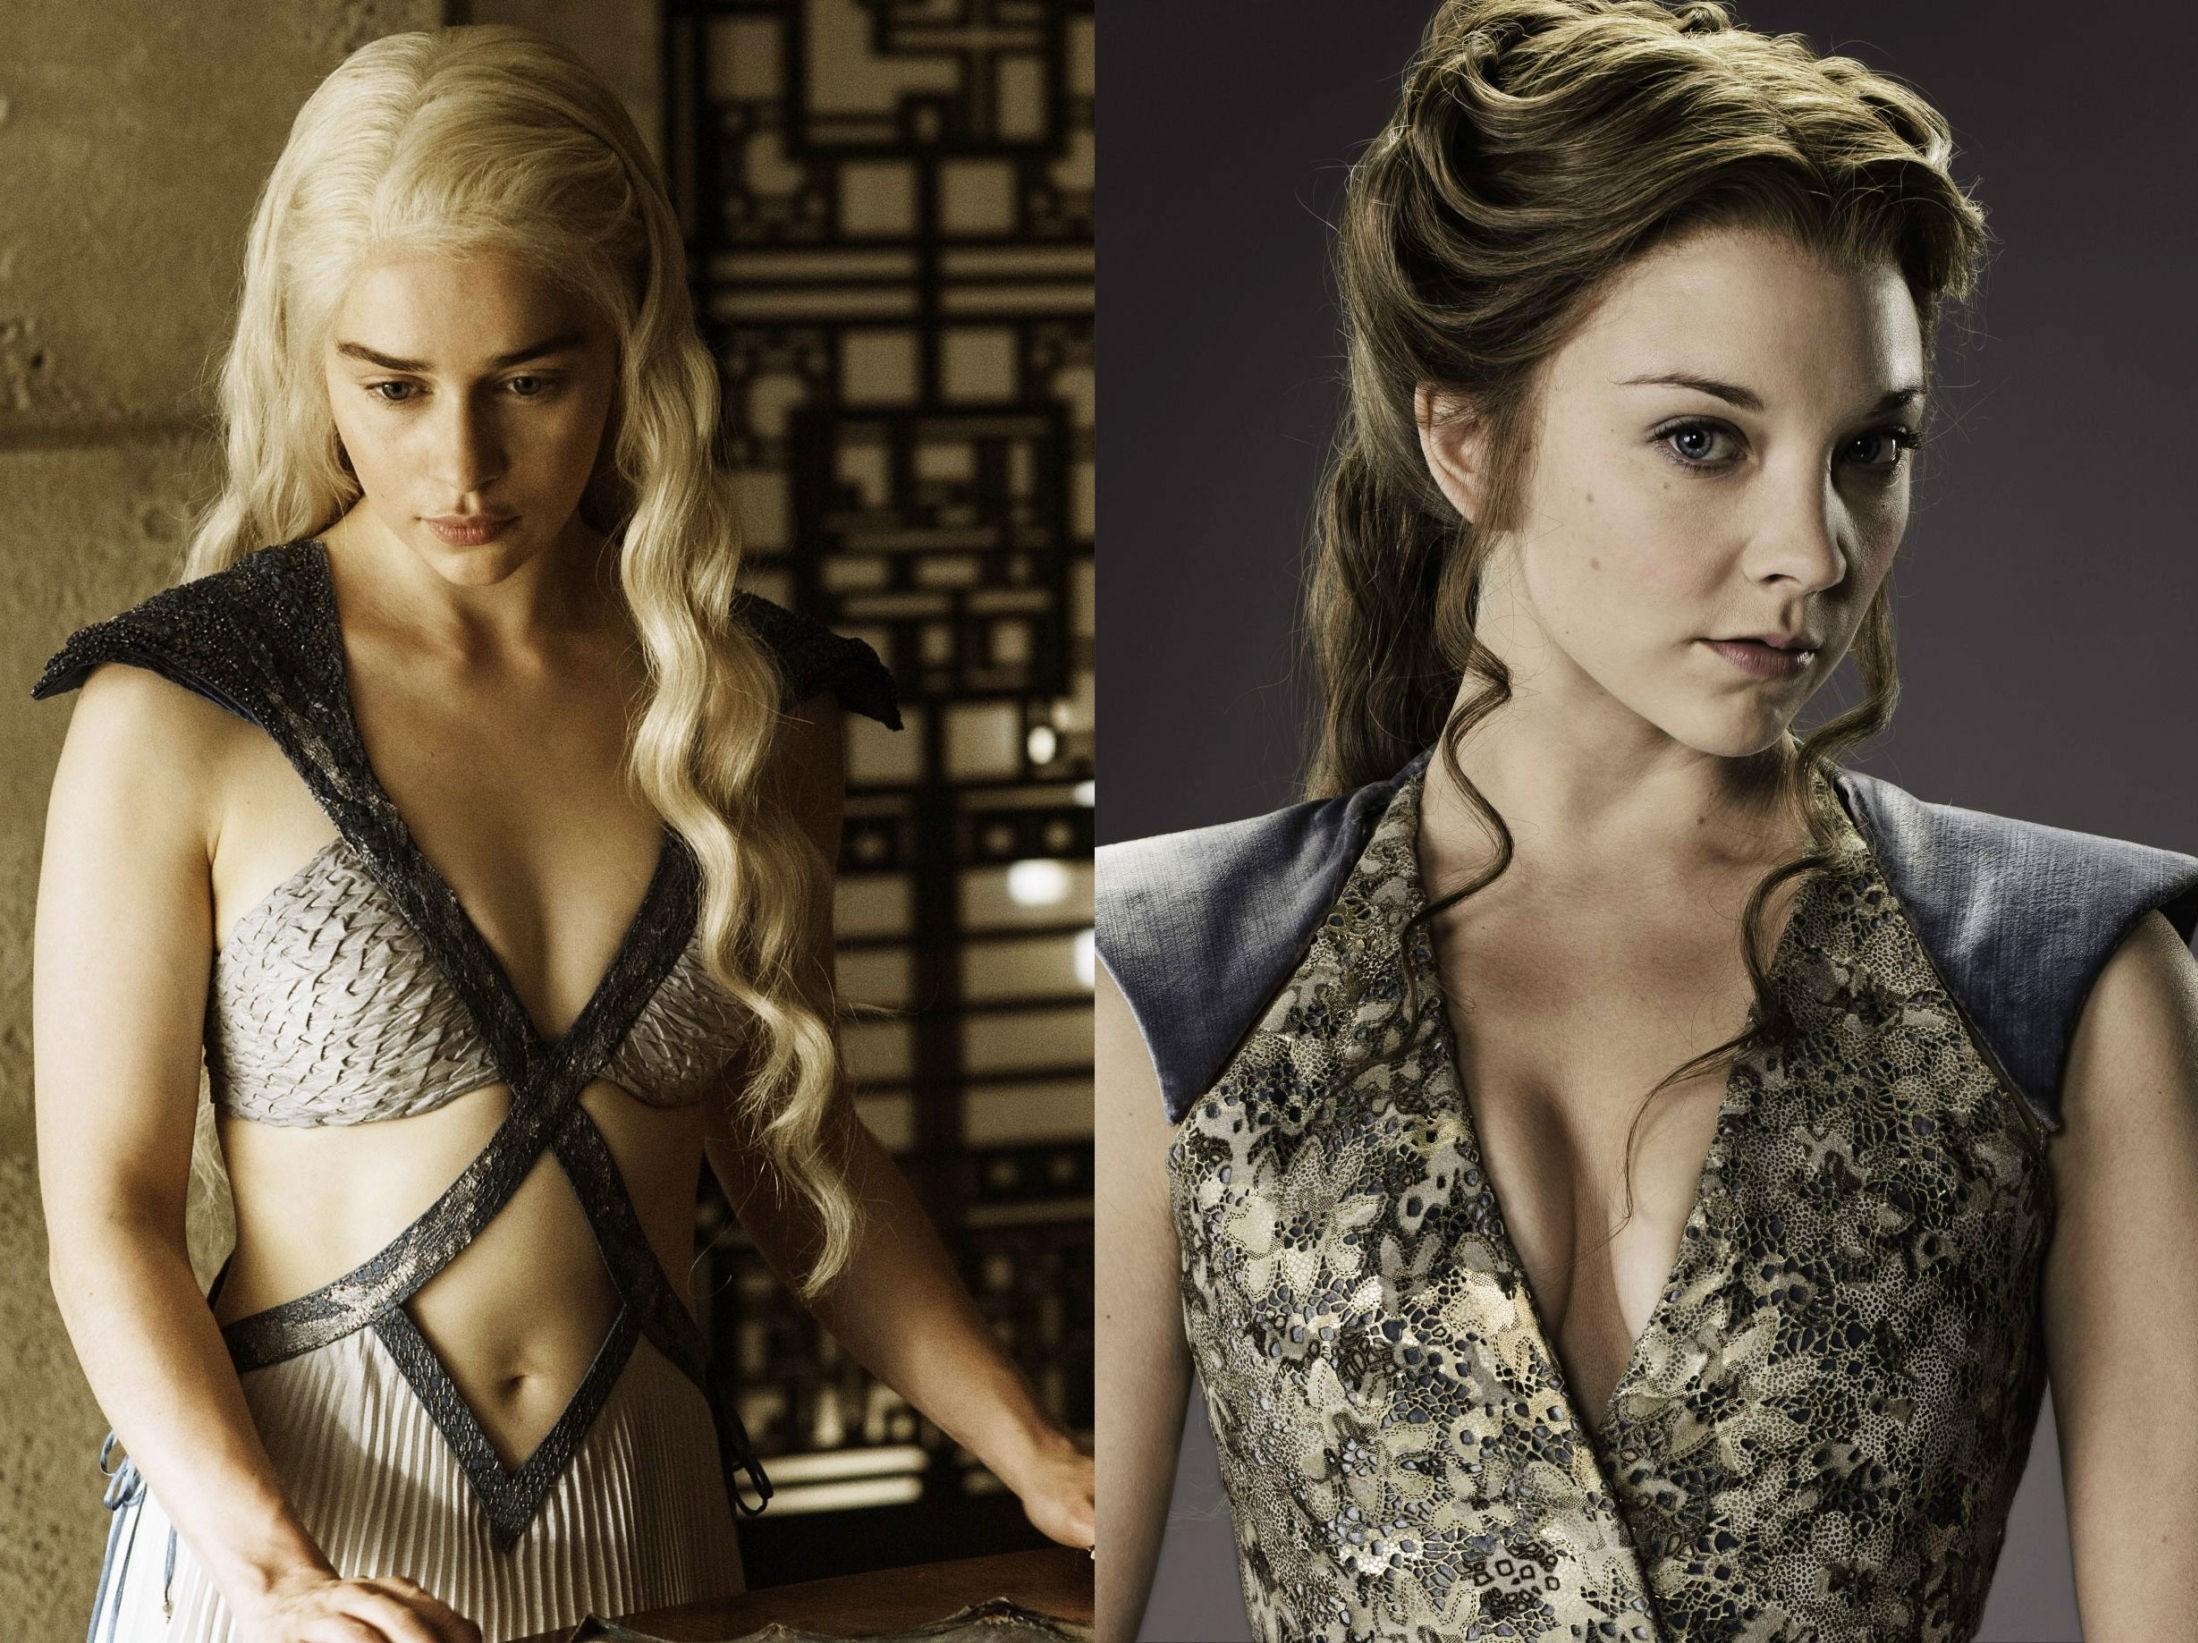 MAKTSYKE OG SEXY: Emilia Clarke i rollen som Daenarys Targaryen og Natalie Dormer i rollen som Margaery Tyrell regnes for å være to av de mest sexy kvinnene i den storslåtte HBO-serien Game of Thrones.